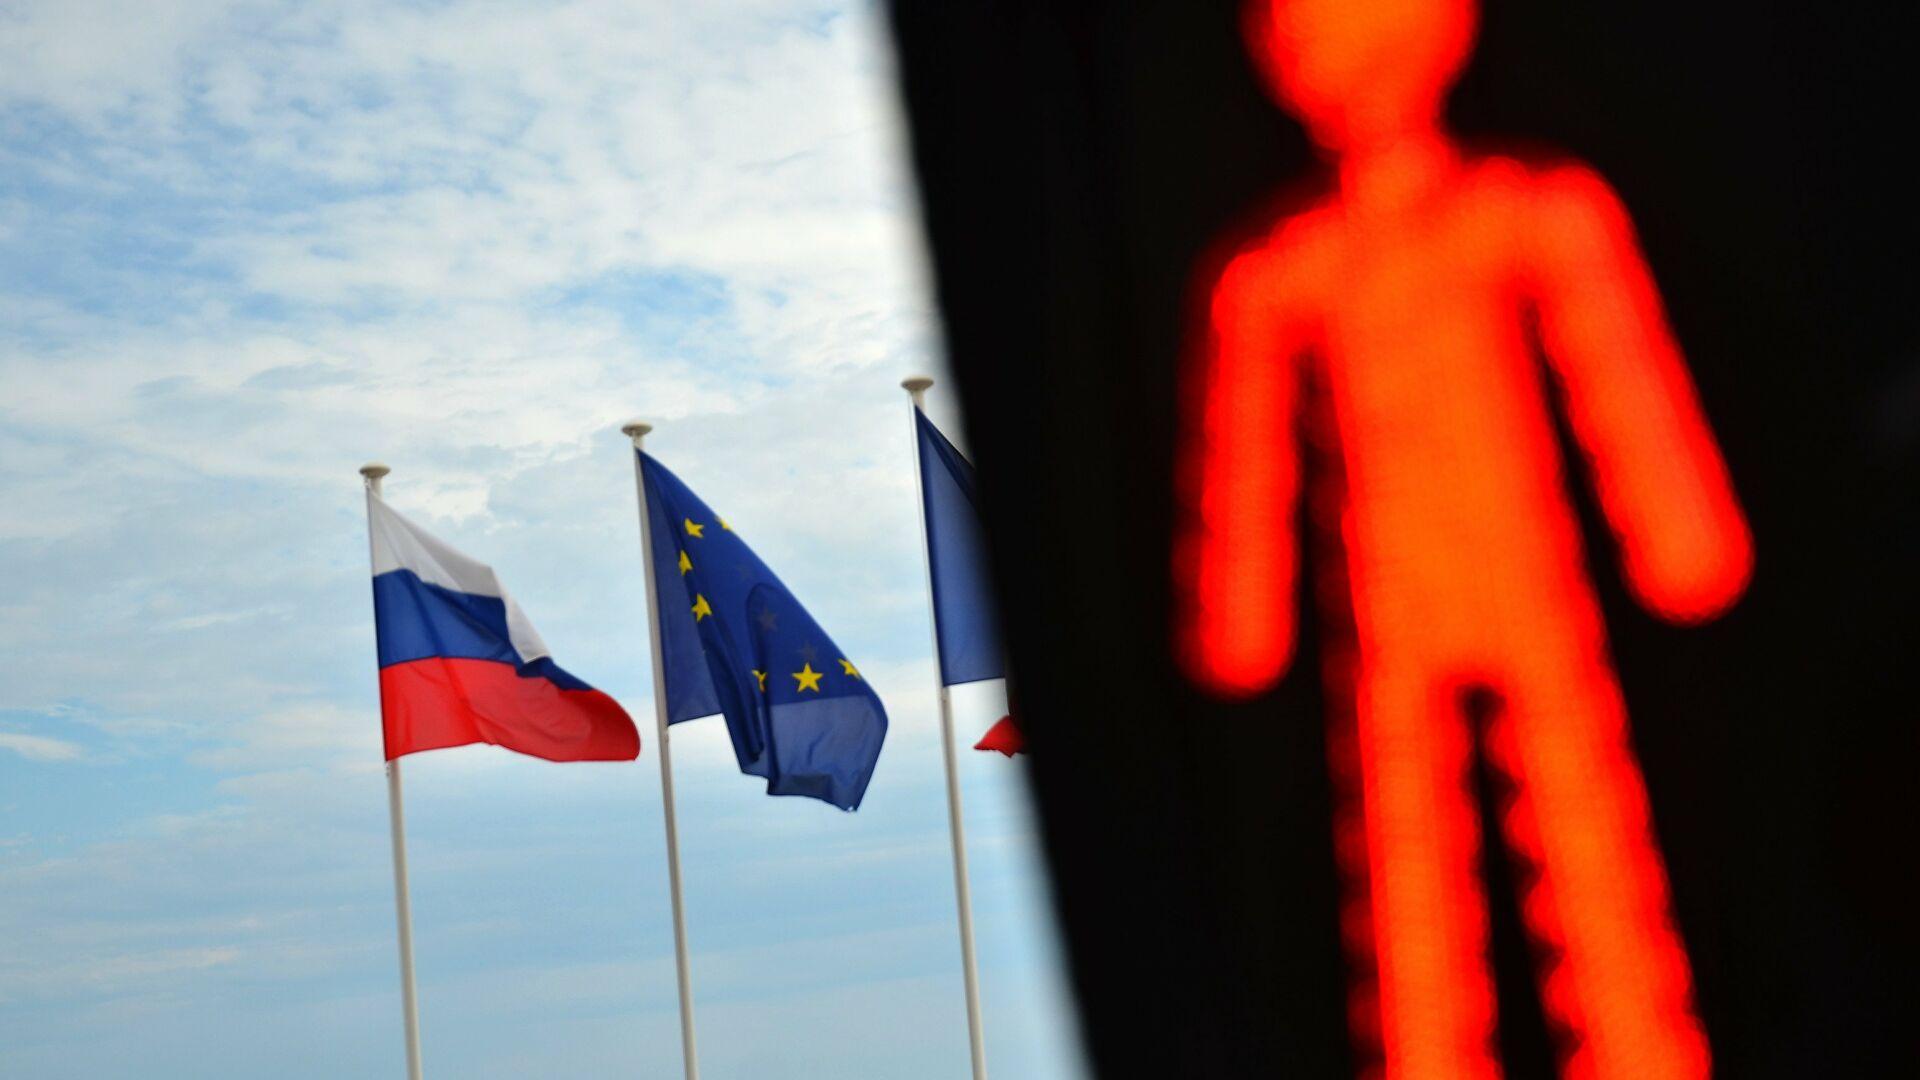 Шефови дипломатија држава ЕУ одобрили увођење нових санкција Русији